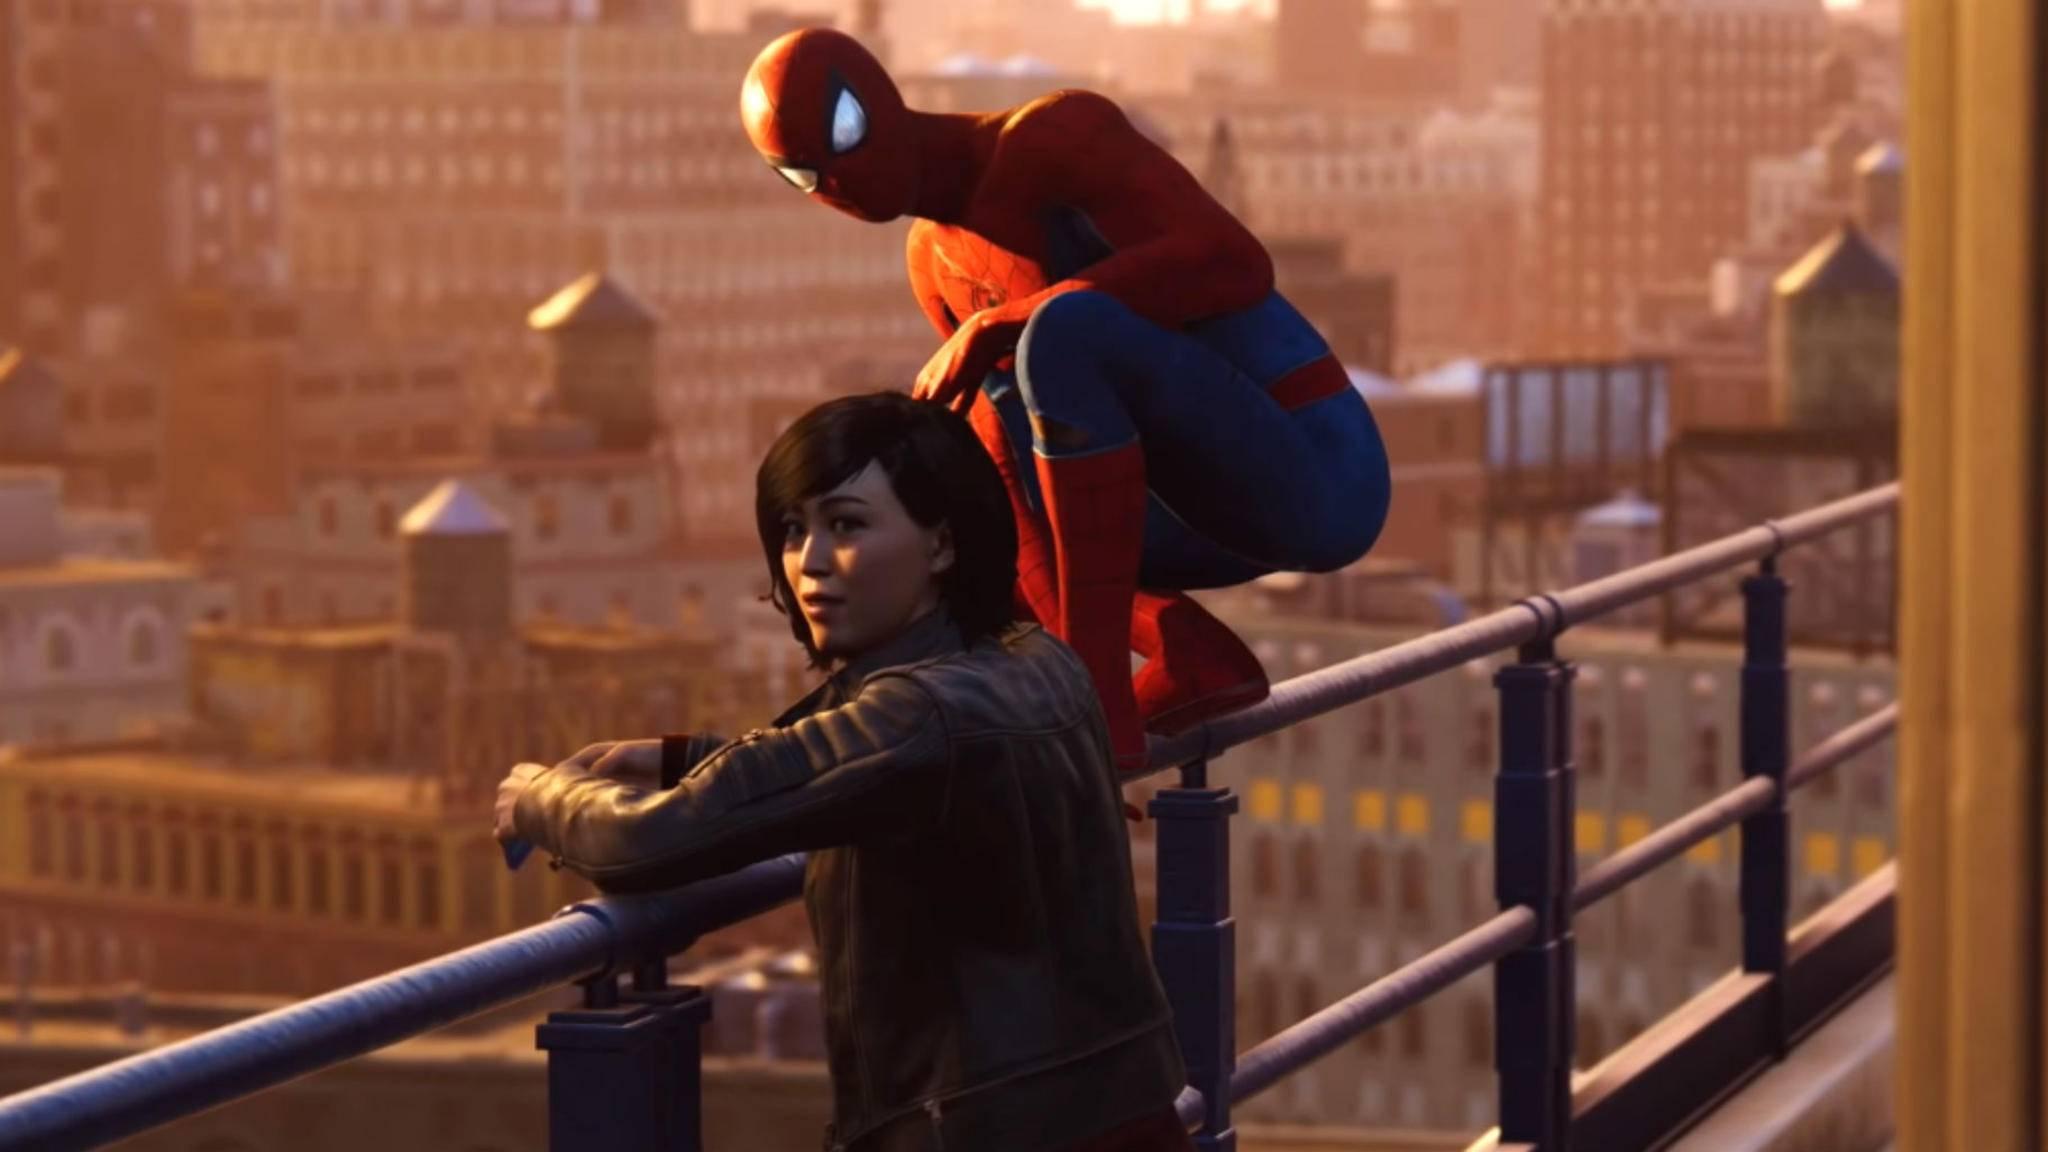 """Der New-Game-Plus-Modus für """"Marvel's Spider-Man"""" kommt später, der erste DLC steht aber vor der Tür."""